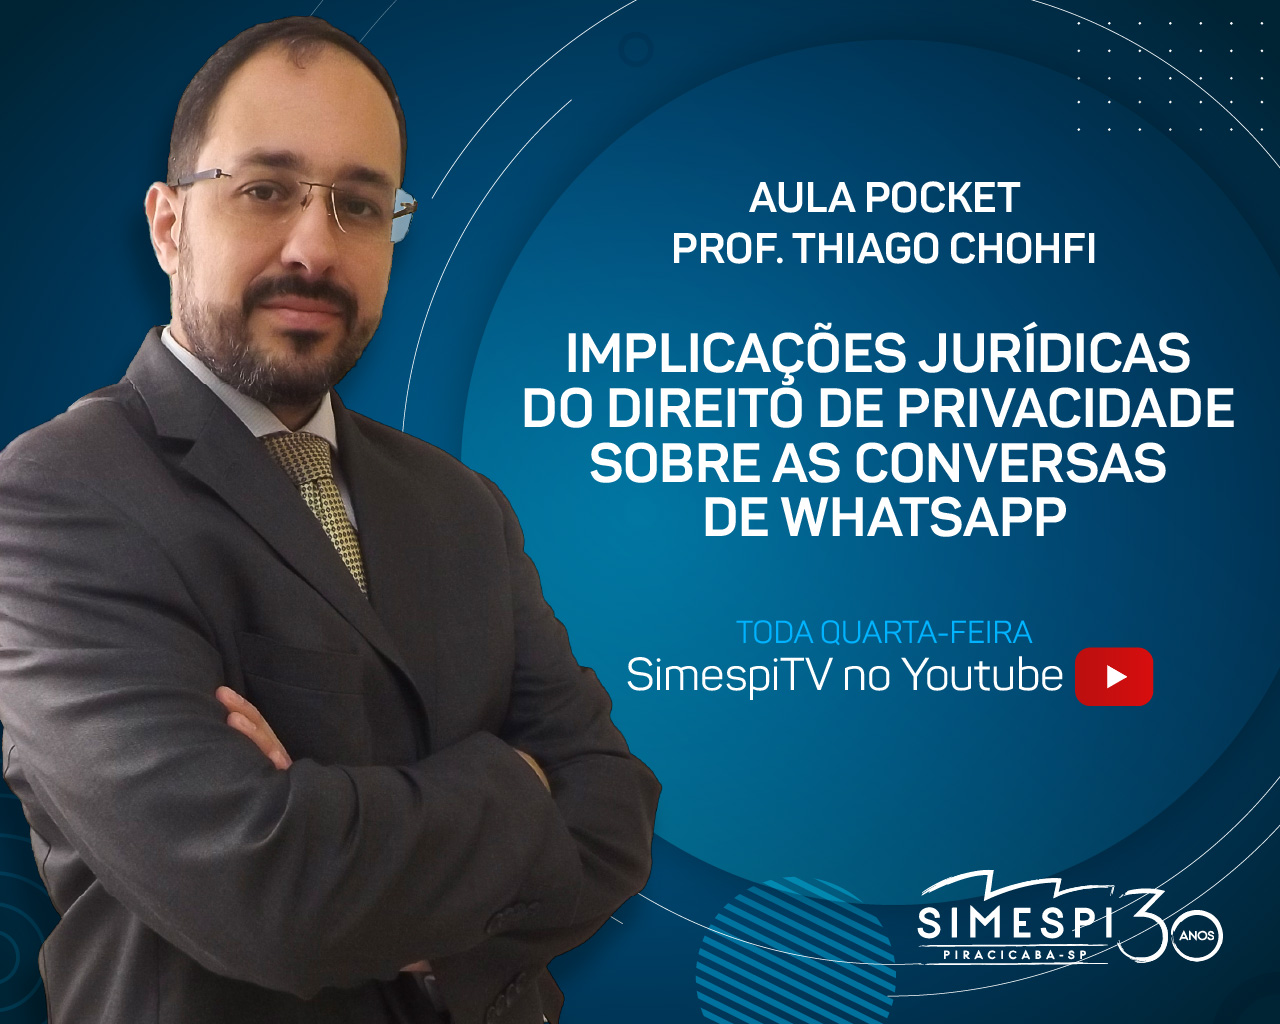 Simespi e Chohfi Lopes Advogados apresentam: Implicações jurídicas do direito de privacidade sobre as conversas de WhatsApp